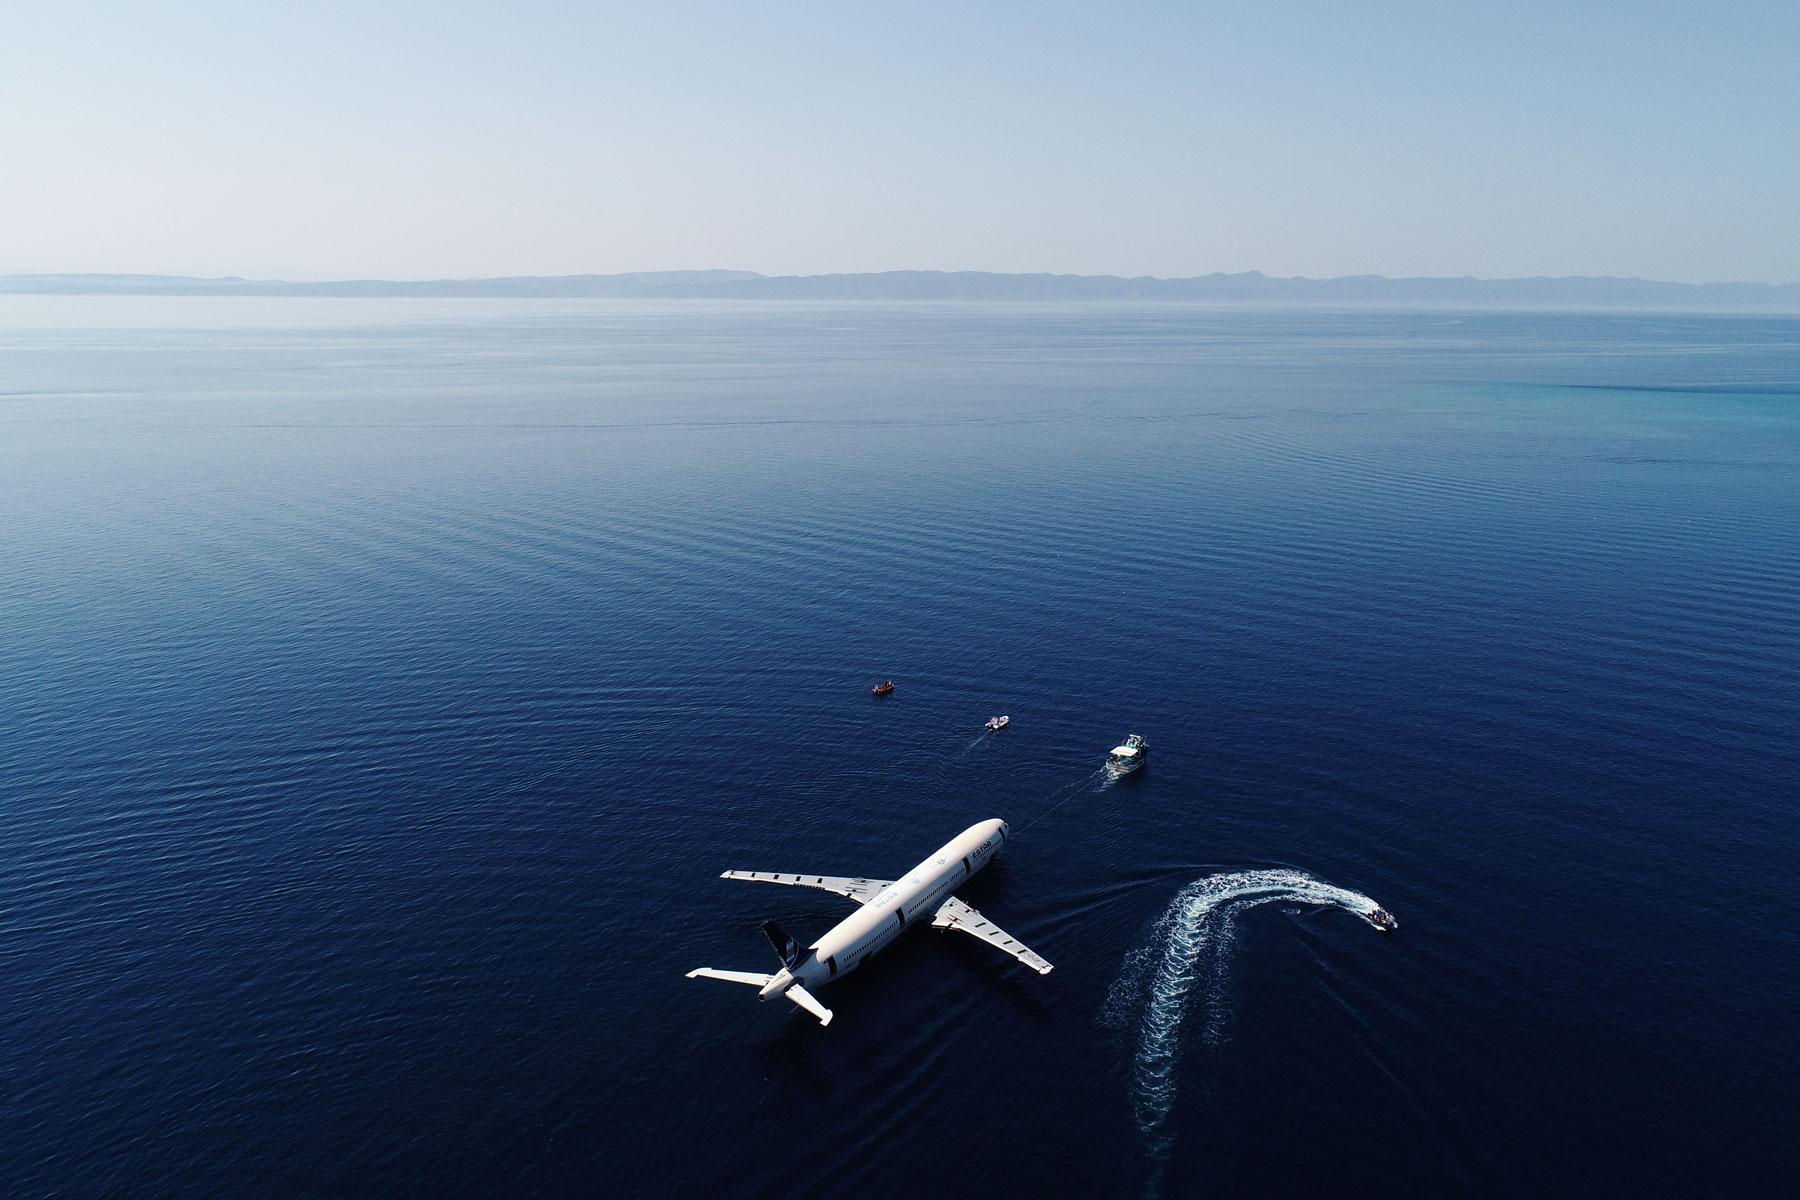 Пассажирский самолет Airbus A330 транспортируют врайон Саросского залива — лайнер погрузят наглубину 30 метров итаким образом создадут искусственный риф. Это часть нового туристического проекта врегионе Эгейского моря — турецкие власти хотят таким образом развивать дайвинг-туризм